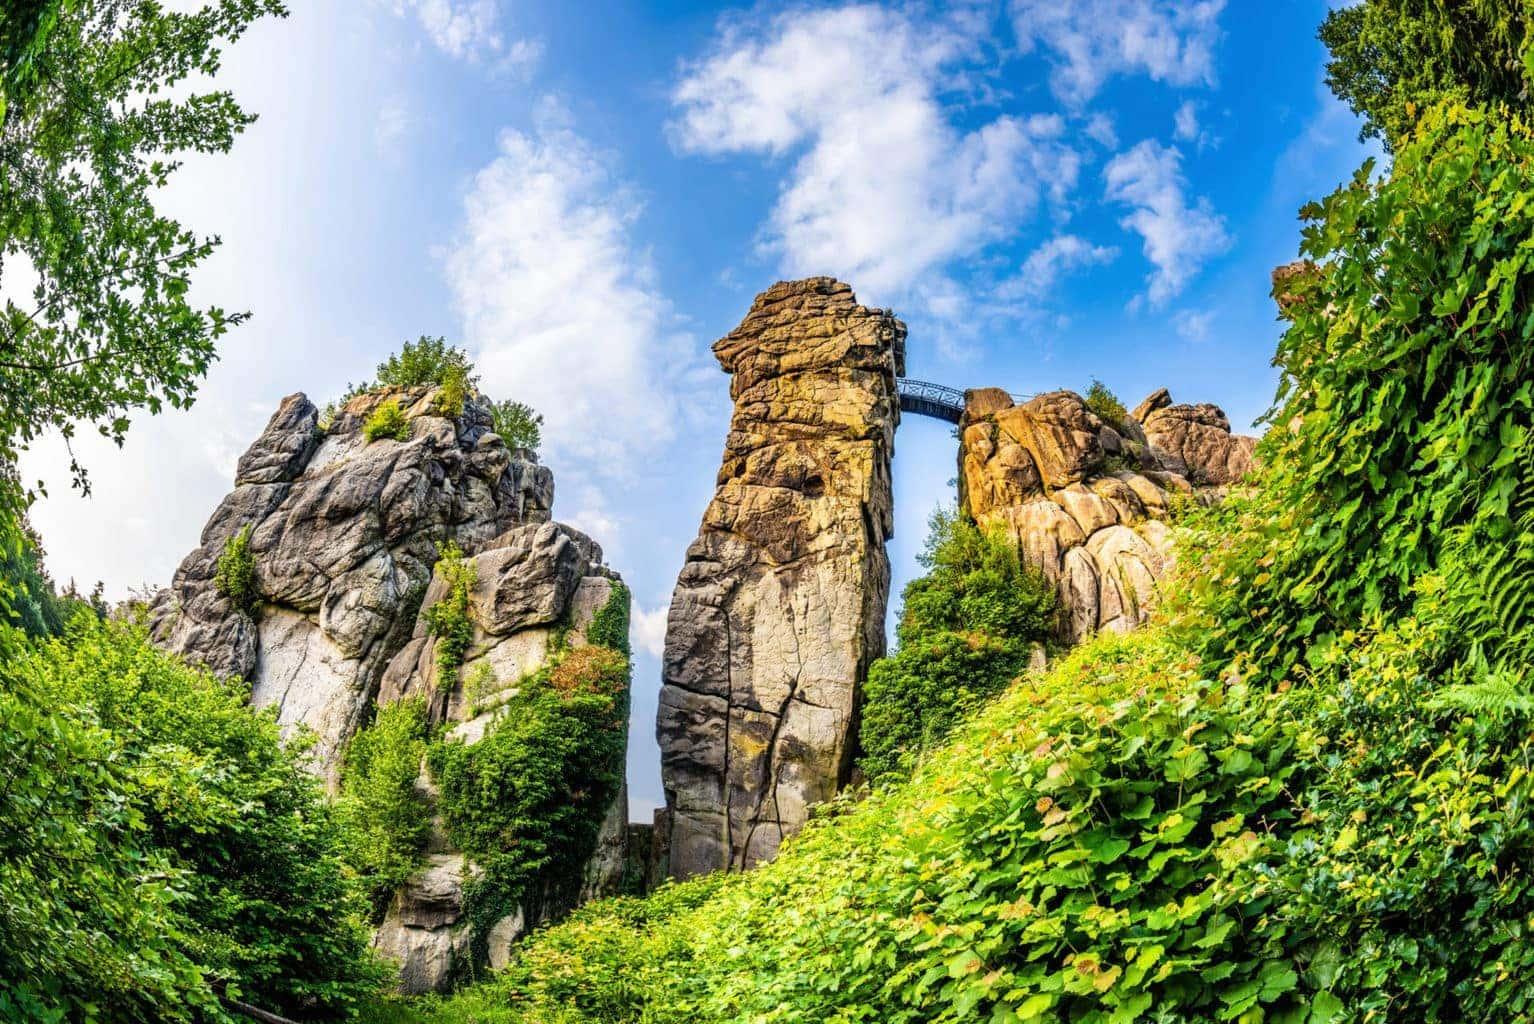 De Externsteine in het Teutoburger Woud tijdens de zomer